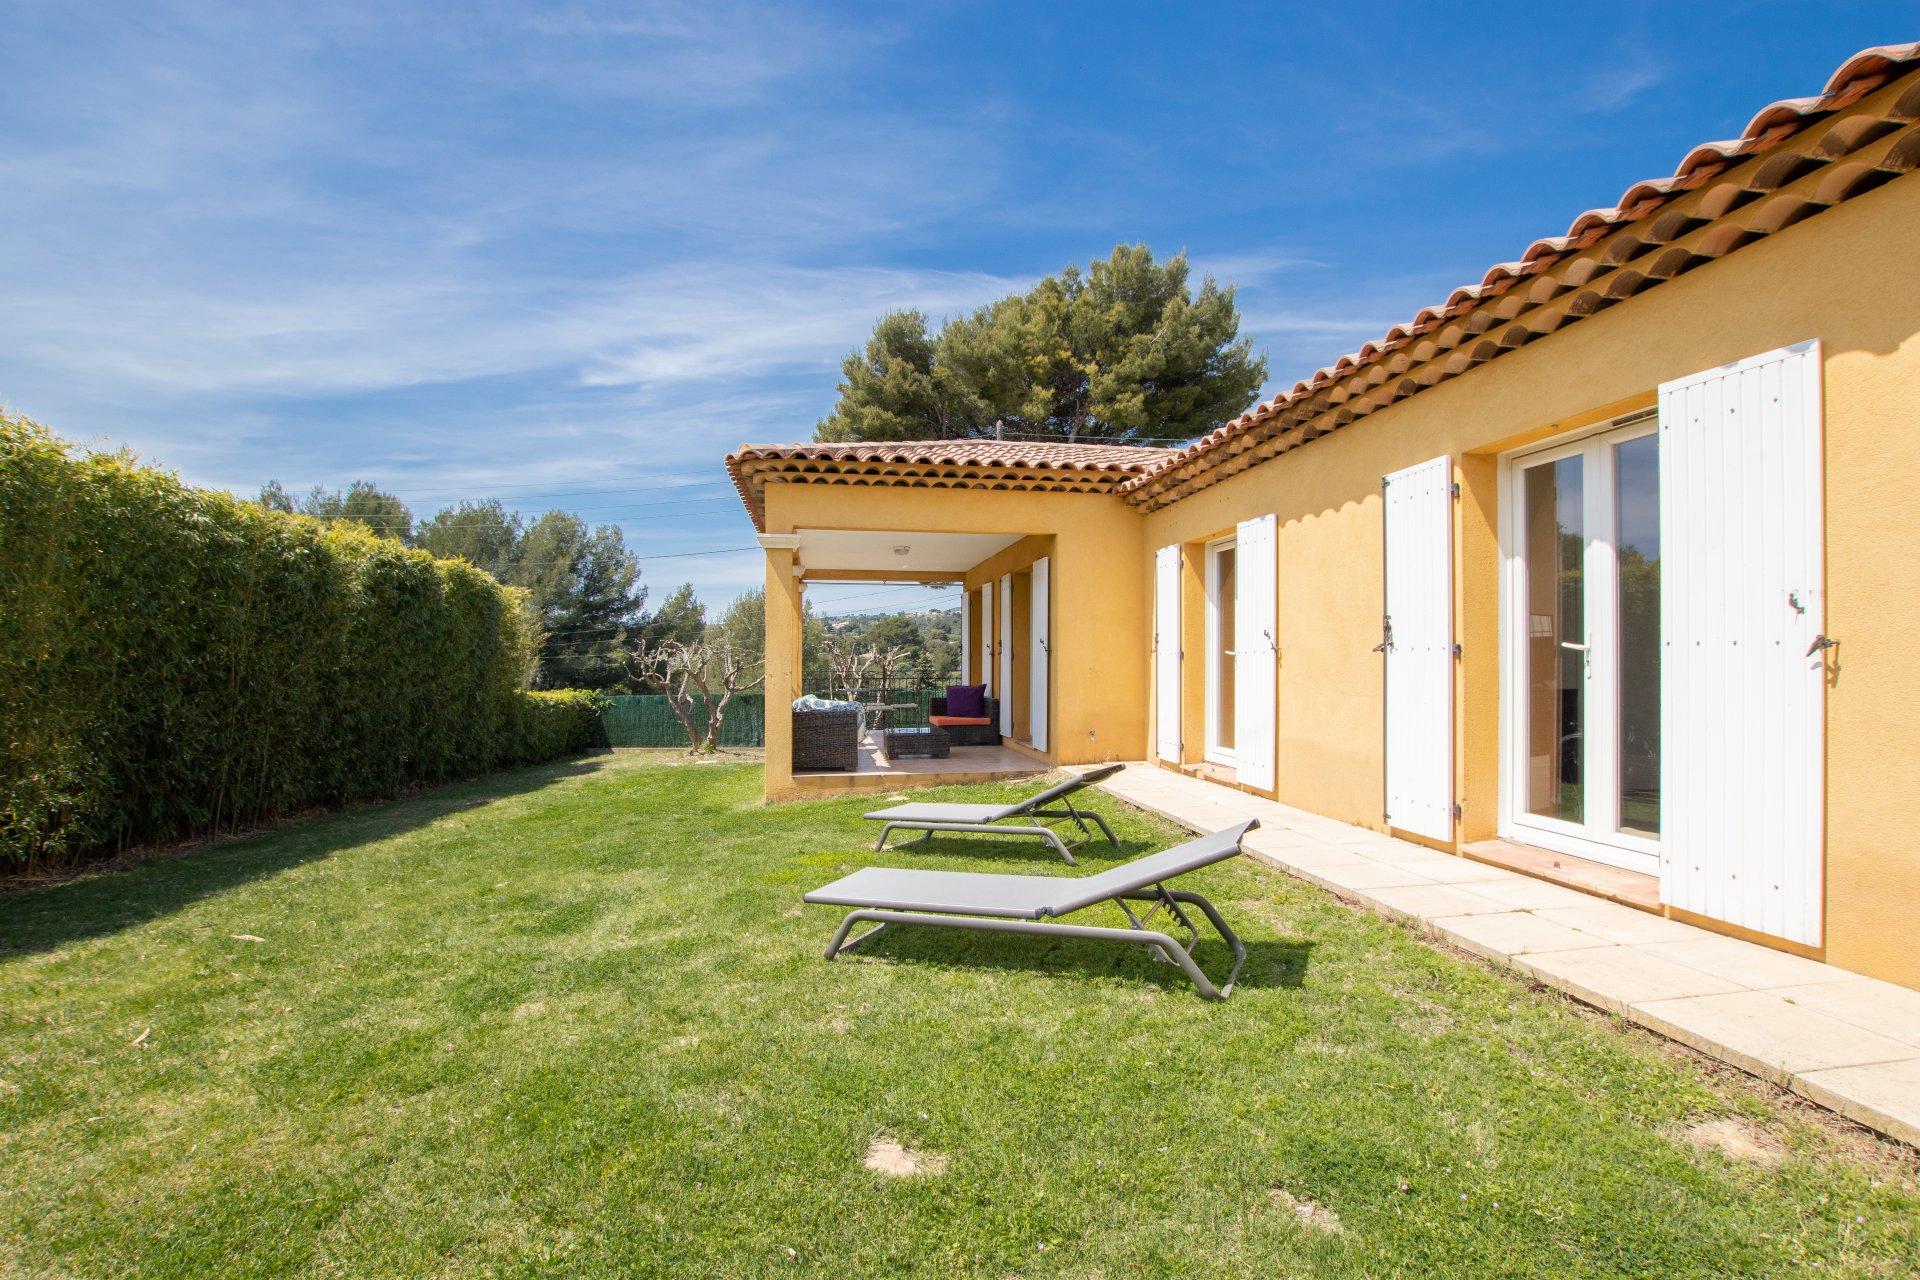 L'ENSOLEILLEE - Villa Plain pied T4 de 92 m² - Terrain 610m2 -  Château Gombert